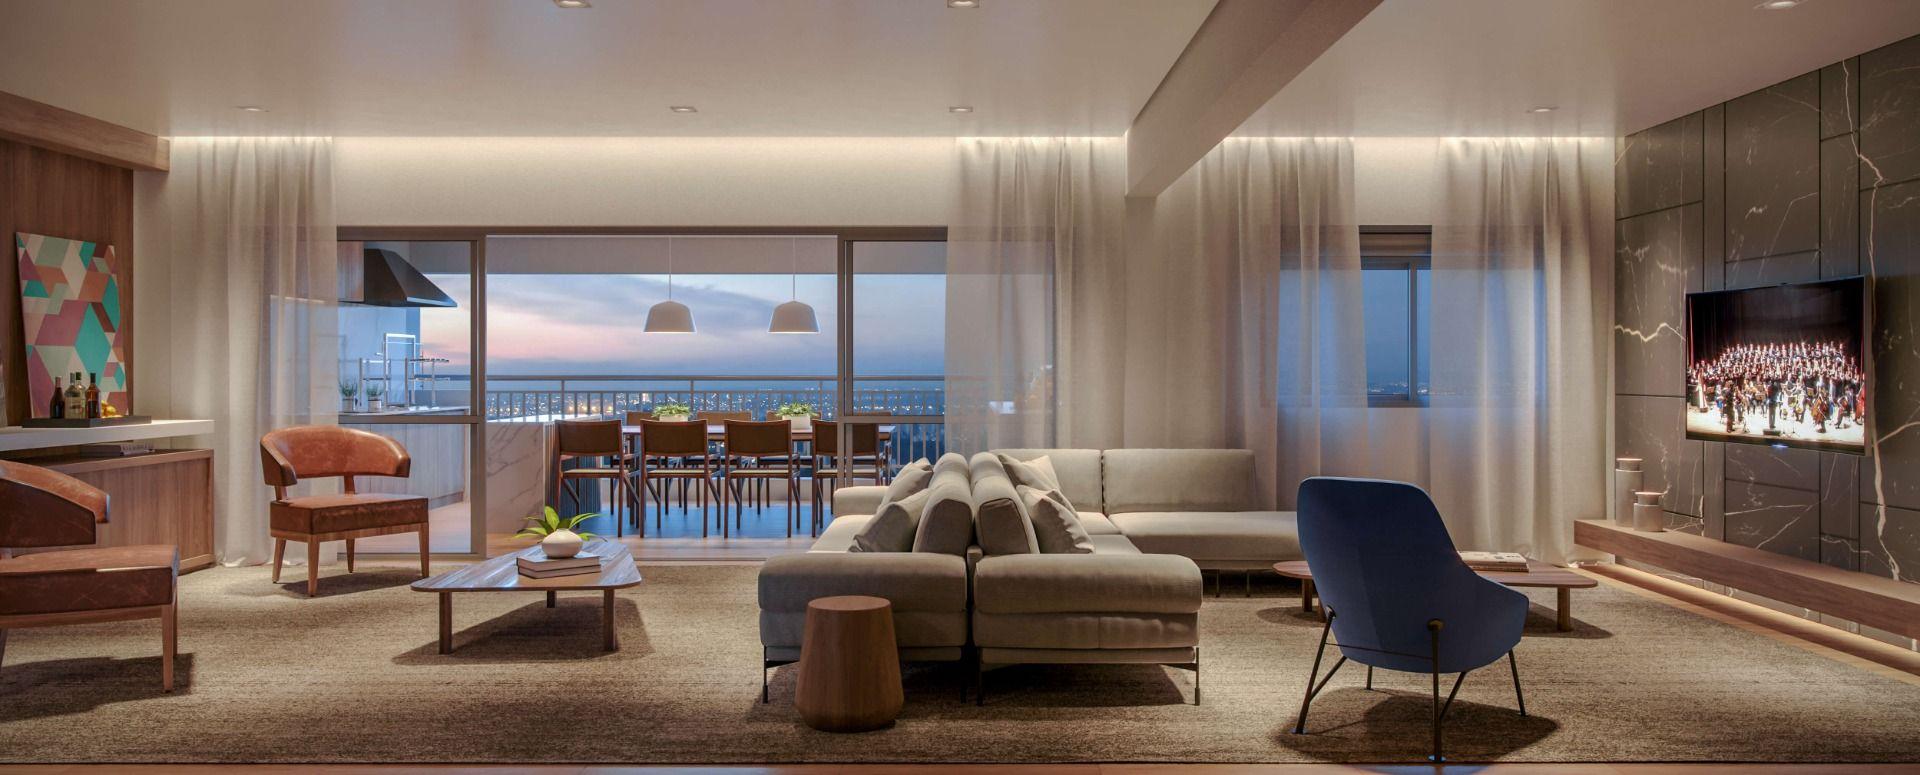 PERSPECTIVA ARTÍSTICA DO LIVING AMPLIADO do apartamento de 227 m², opção 3 suítes - torre 1, final 2. O living e o terraço totalizam mais de 90 m² de área social, garantindo conforto para receber convidados.